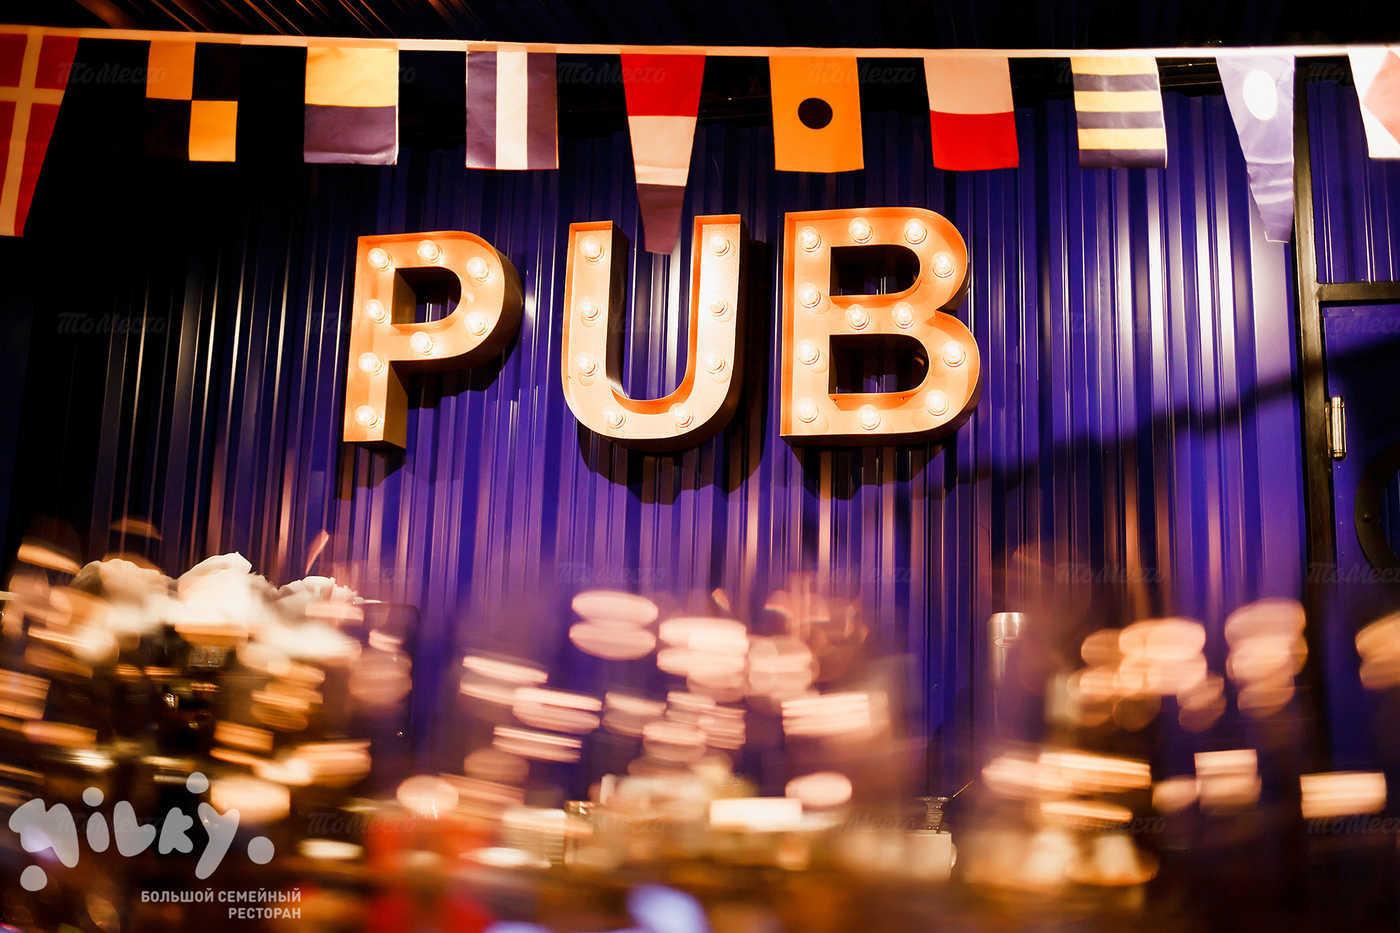 Банкеты ресторана Милки (Milky) на Красносельском шоссе фото 12